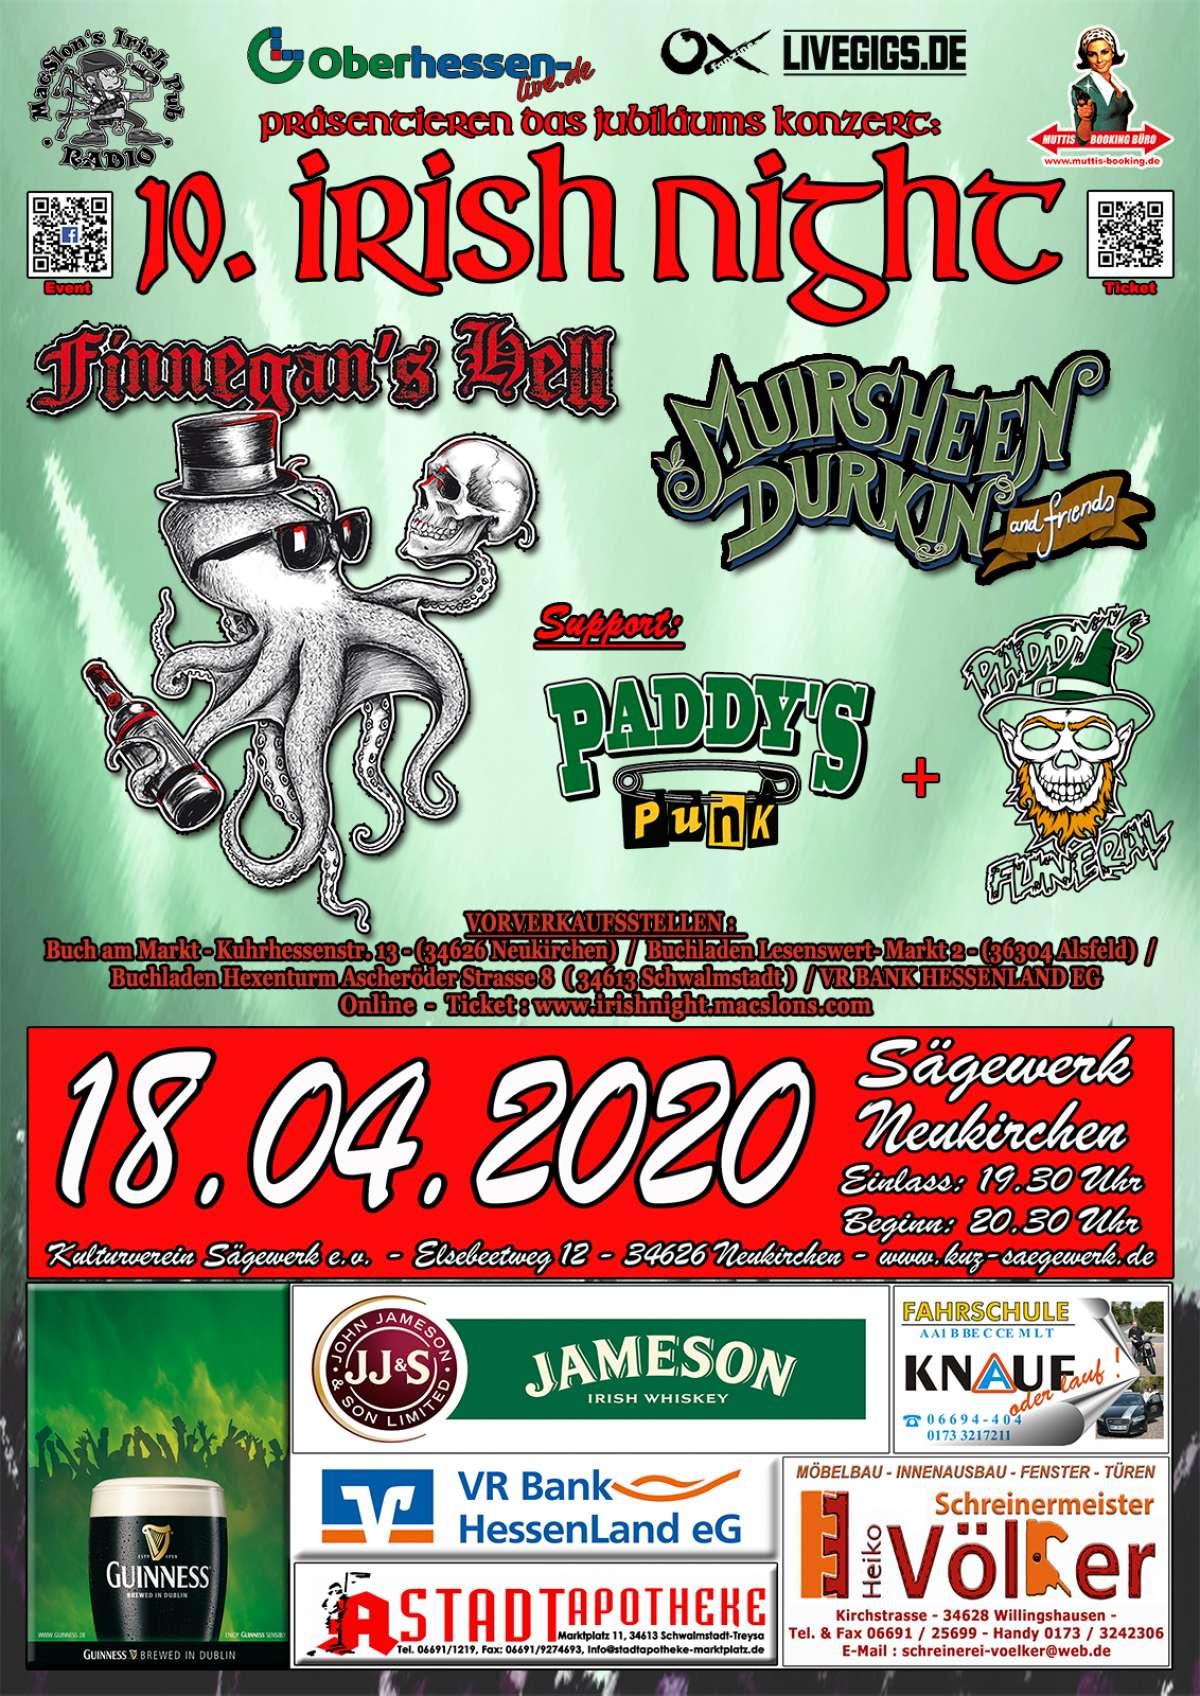 ABGESAGT: 10.Irish Night Jubiläums Konzert - Finnegan`s Hell, Muirsheen Durkin, Paddy´s Punk, Paddy´s Funeral - Sägewerk Neukirchen - Neukirchen (Knuell)